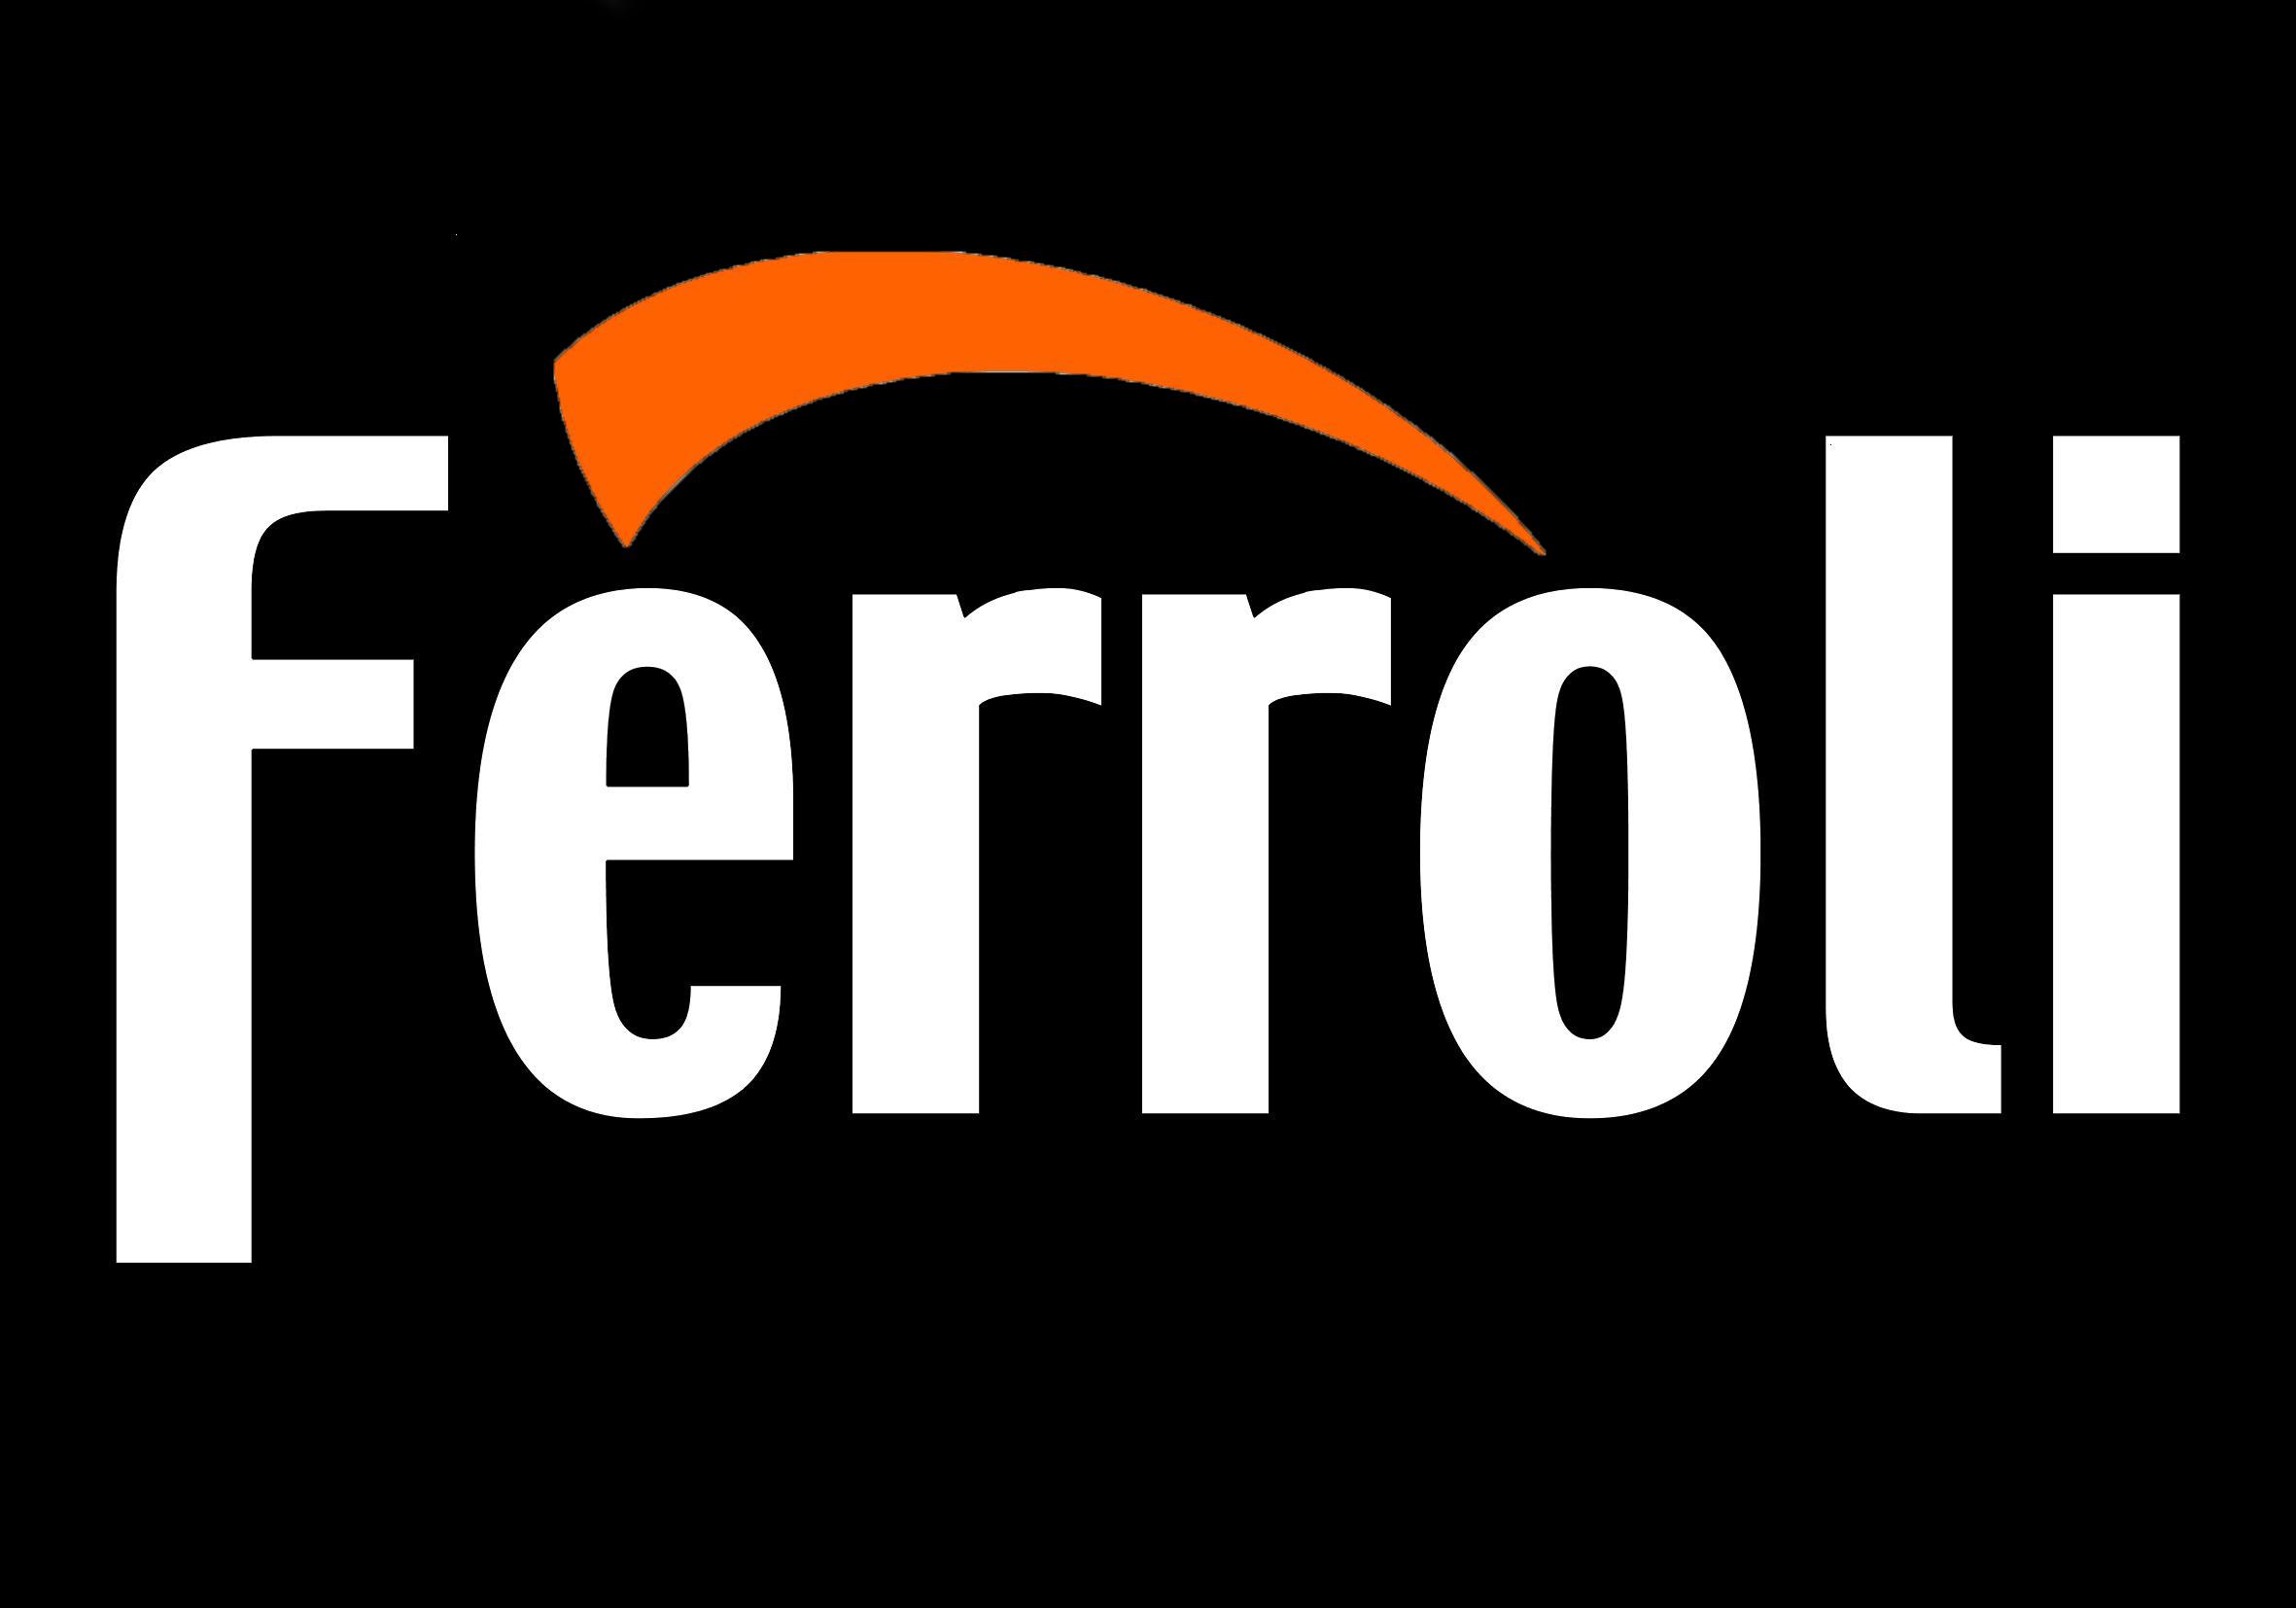 Ferroli_secundar